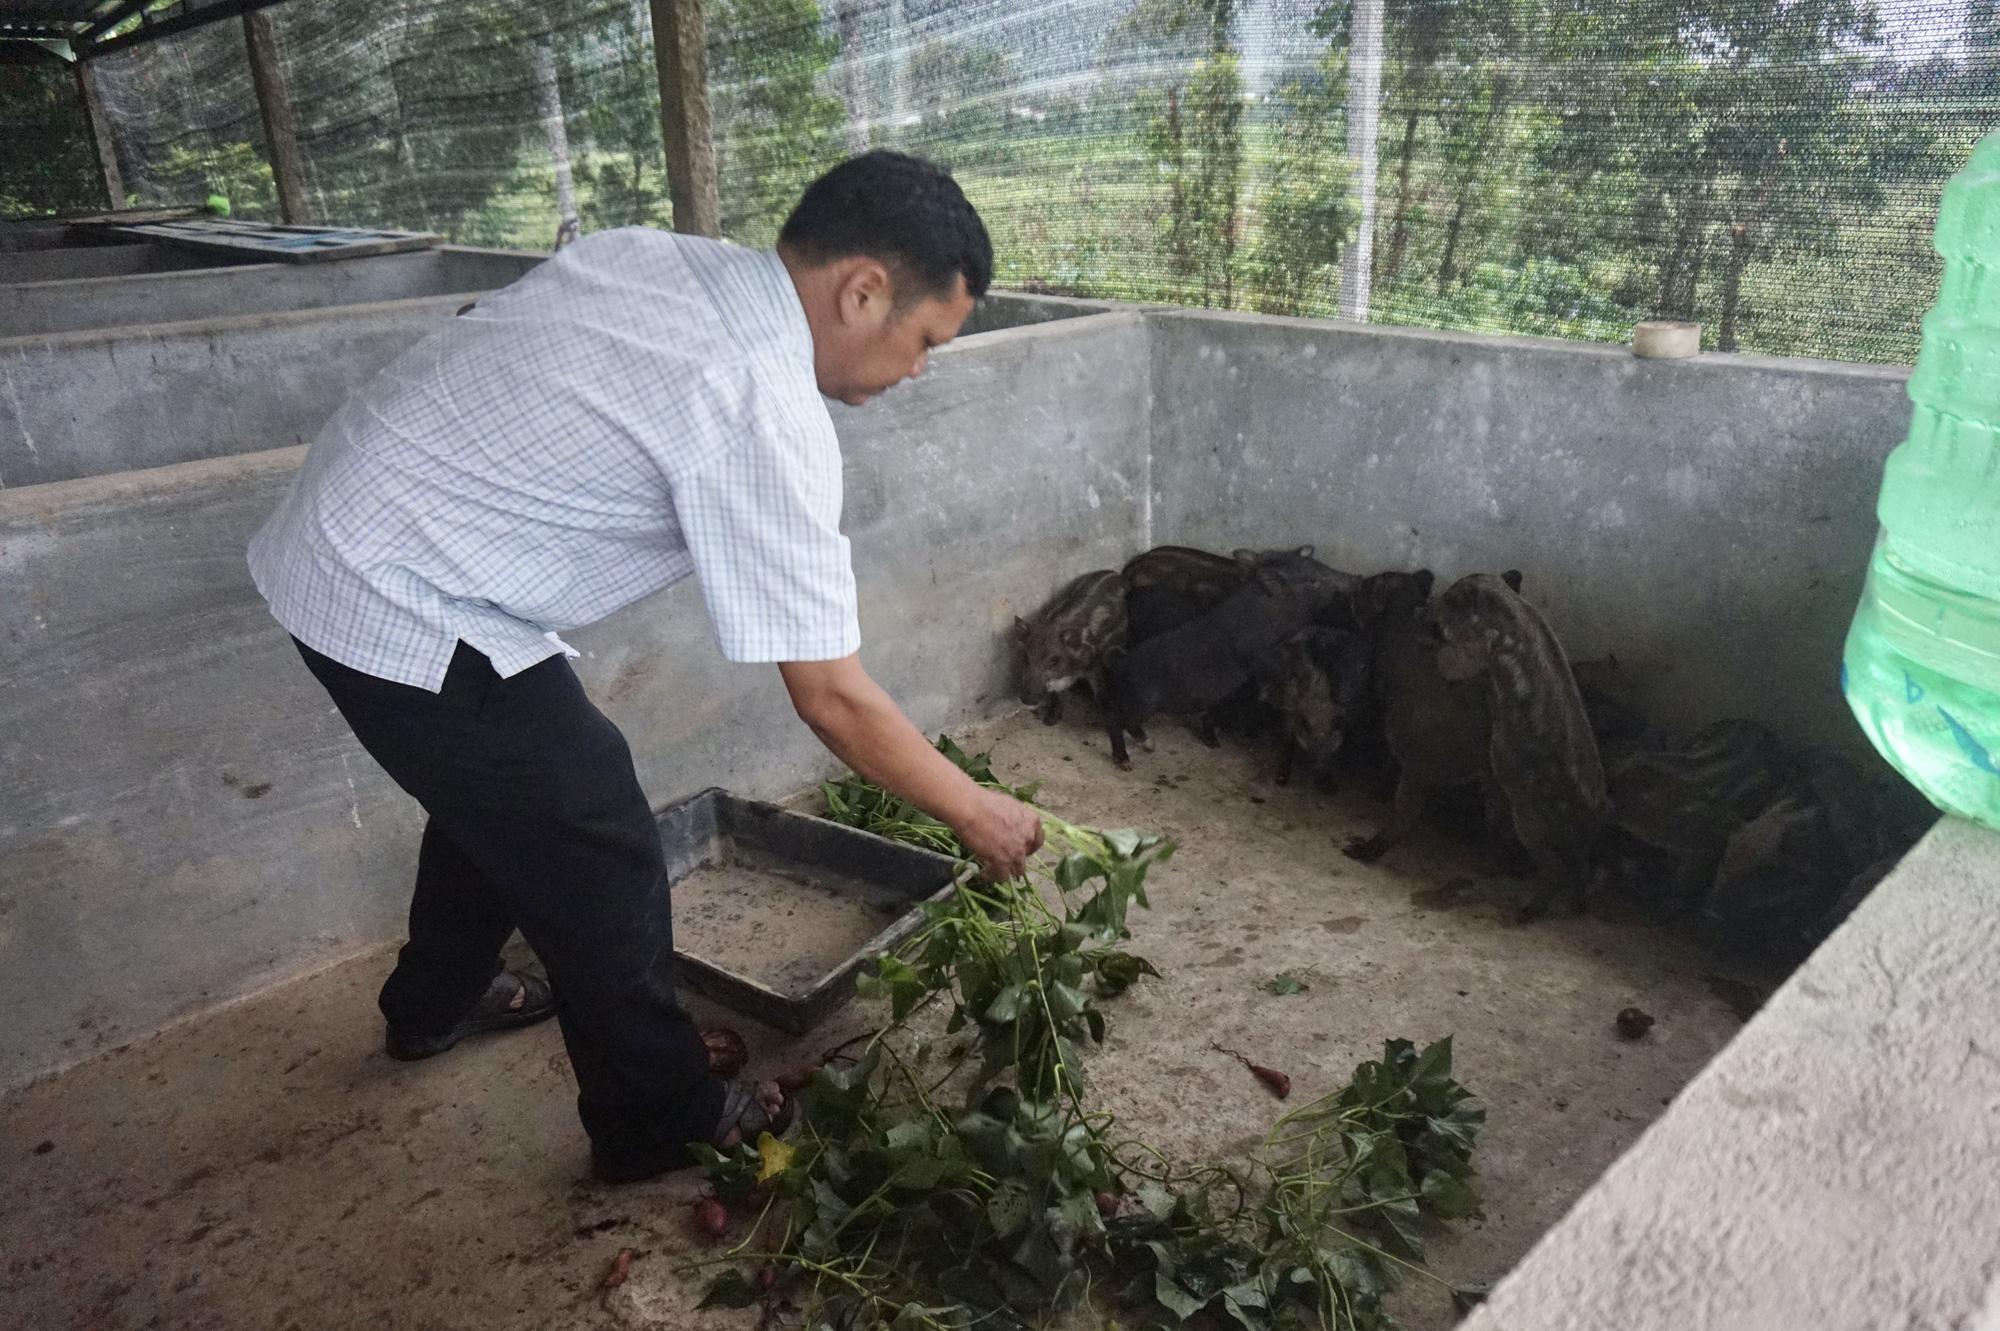 Đà Nẵng: Khởi nghiệp với mô hình nuôi heo rừng lai, một người con Cơ Tu có cuộc sống sung túc - Ảnh 4.